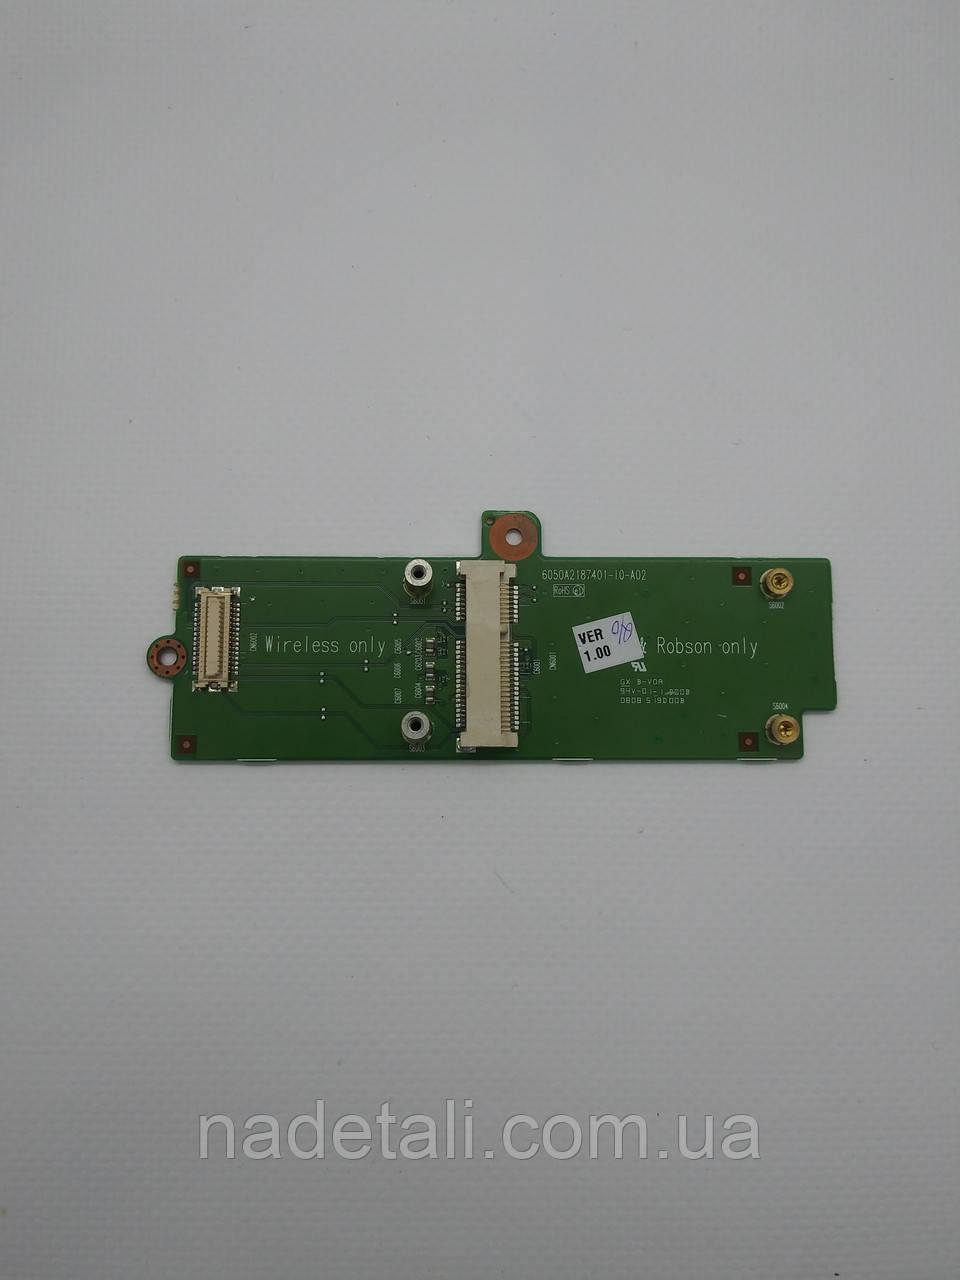 Плата подключения WI-FI Acer Aspire 6920  6050A2187401-10-A02